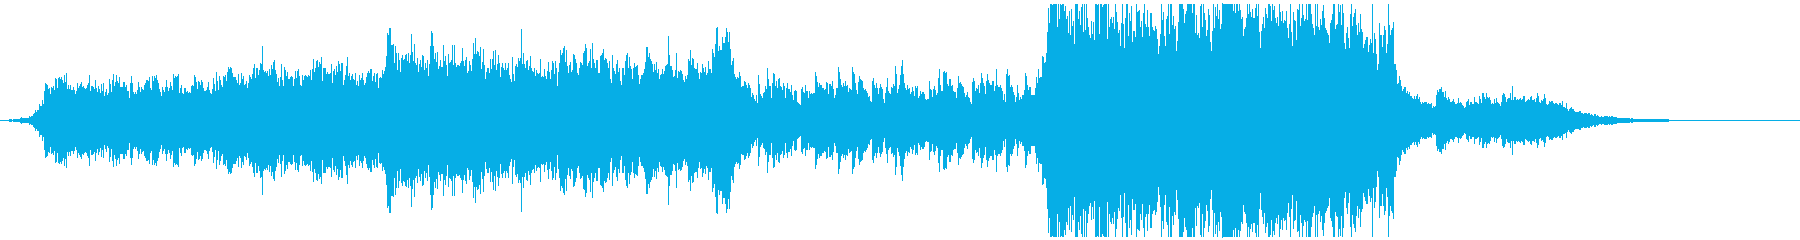 緊張から感動へ 壮大なEpic音楽 劇伴の再生済みの波形